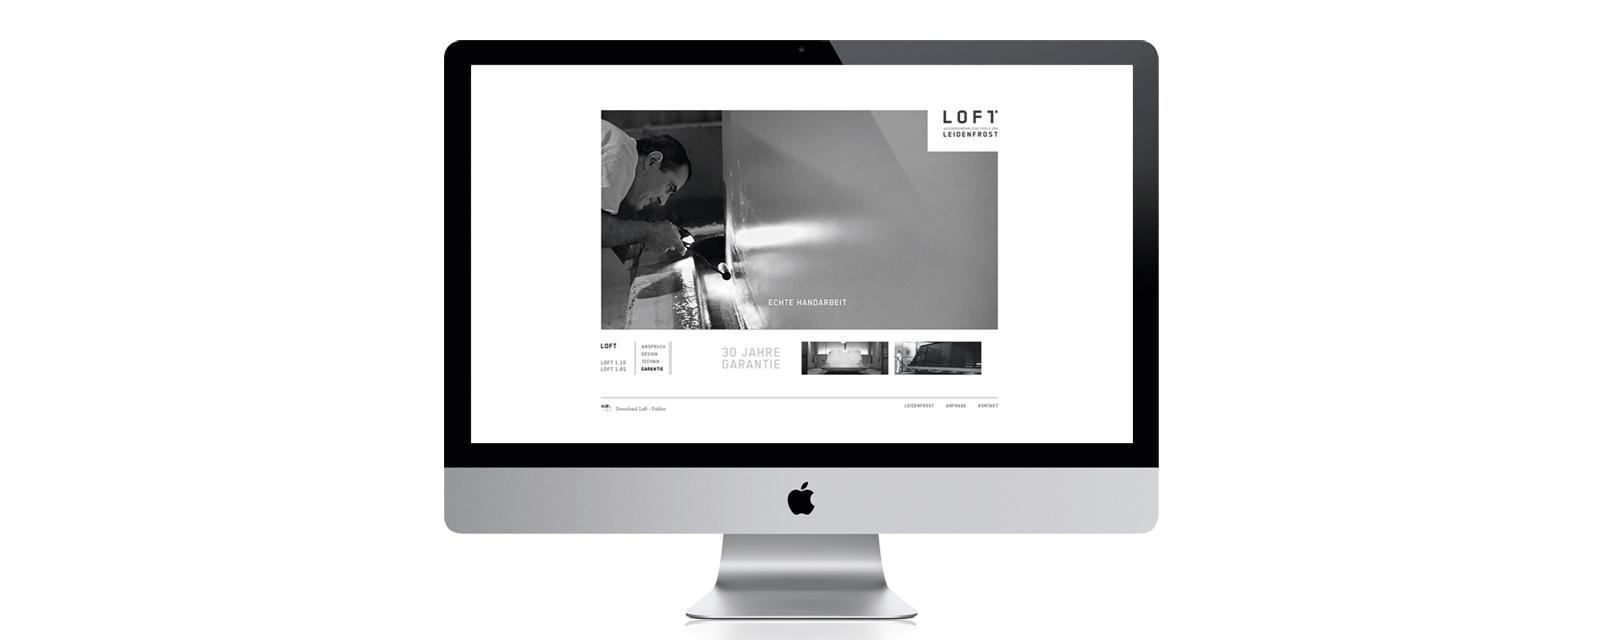 GJ_WEB_LOFT_WEB_05